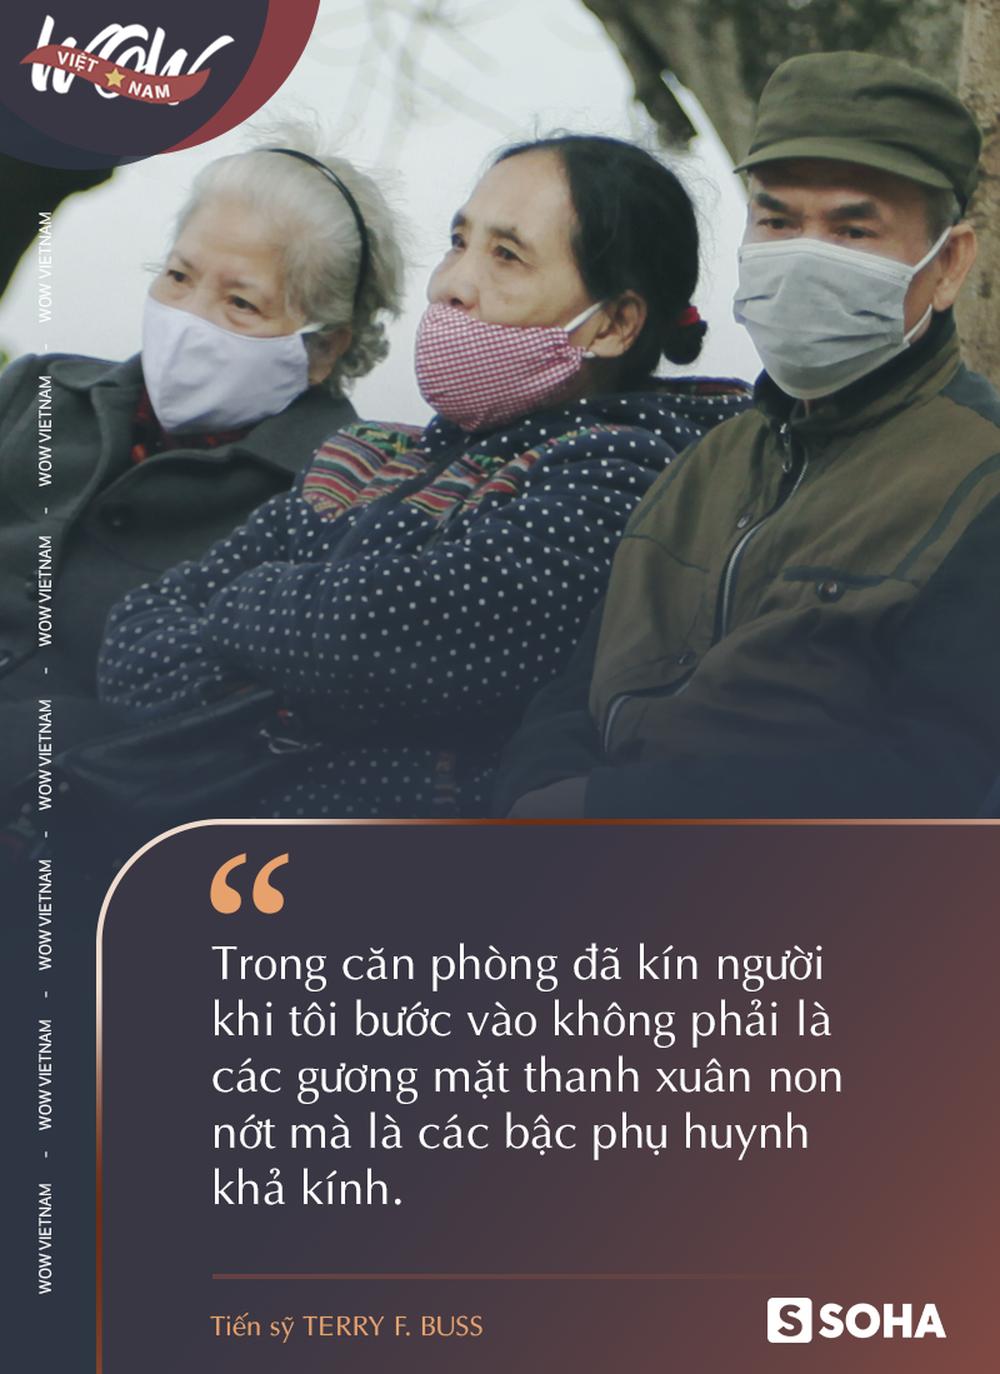 Tiến sỹ Mỹ: Làm thầy của sinh viên Việt Nam thì chắc chắc sẽ được nhận phần thưởng đặc biệt… - Ảnh 2.